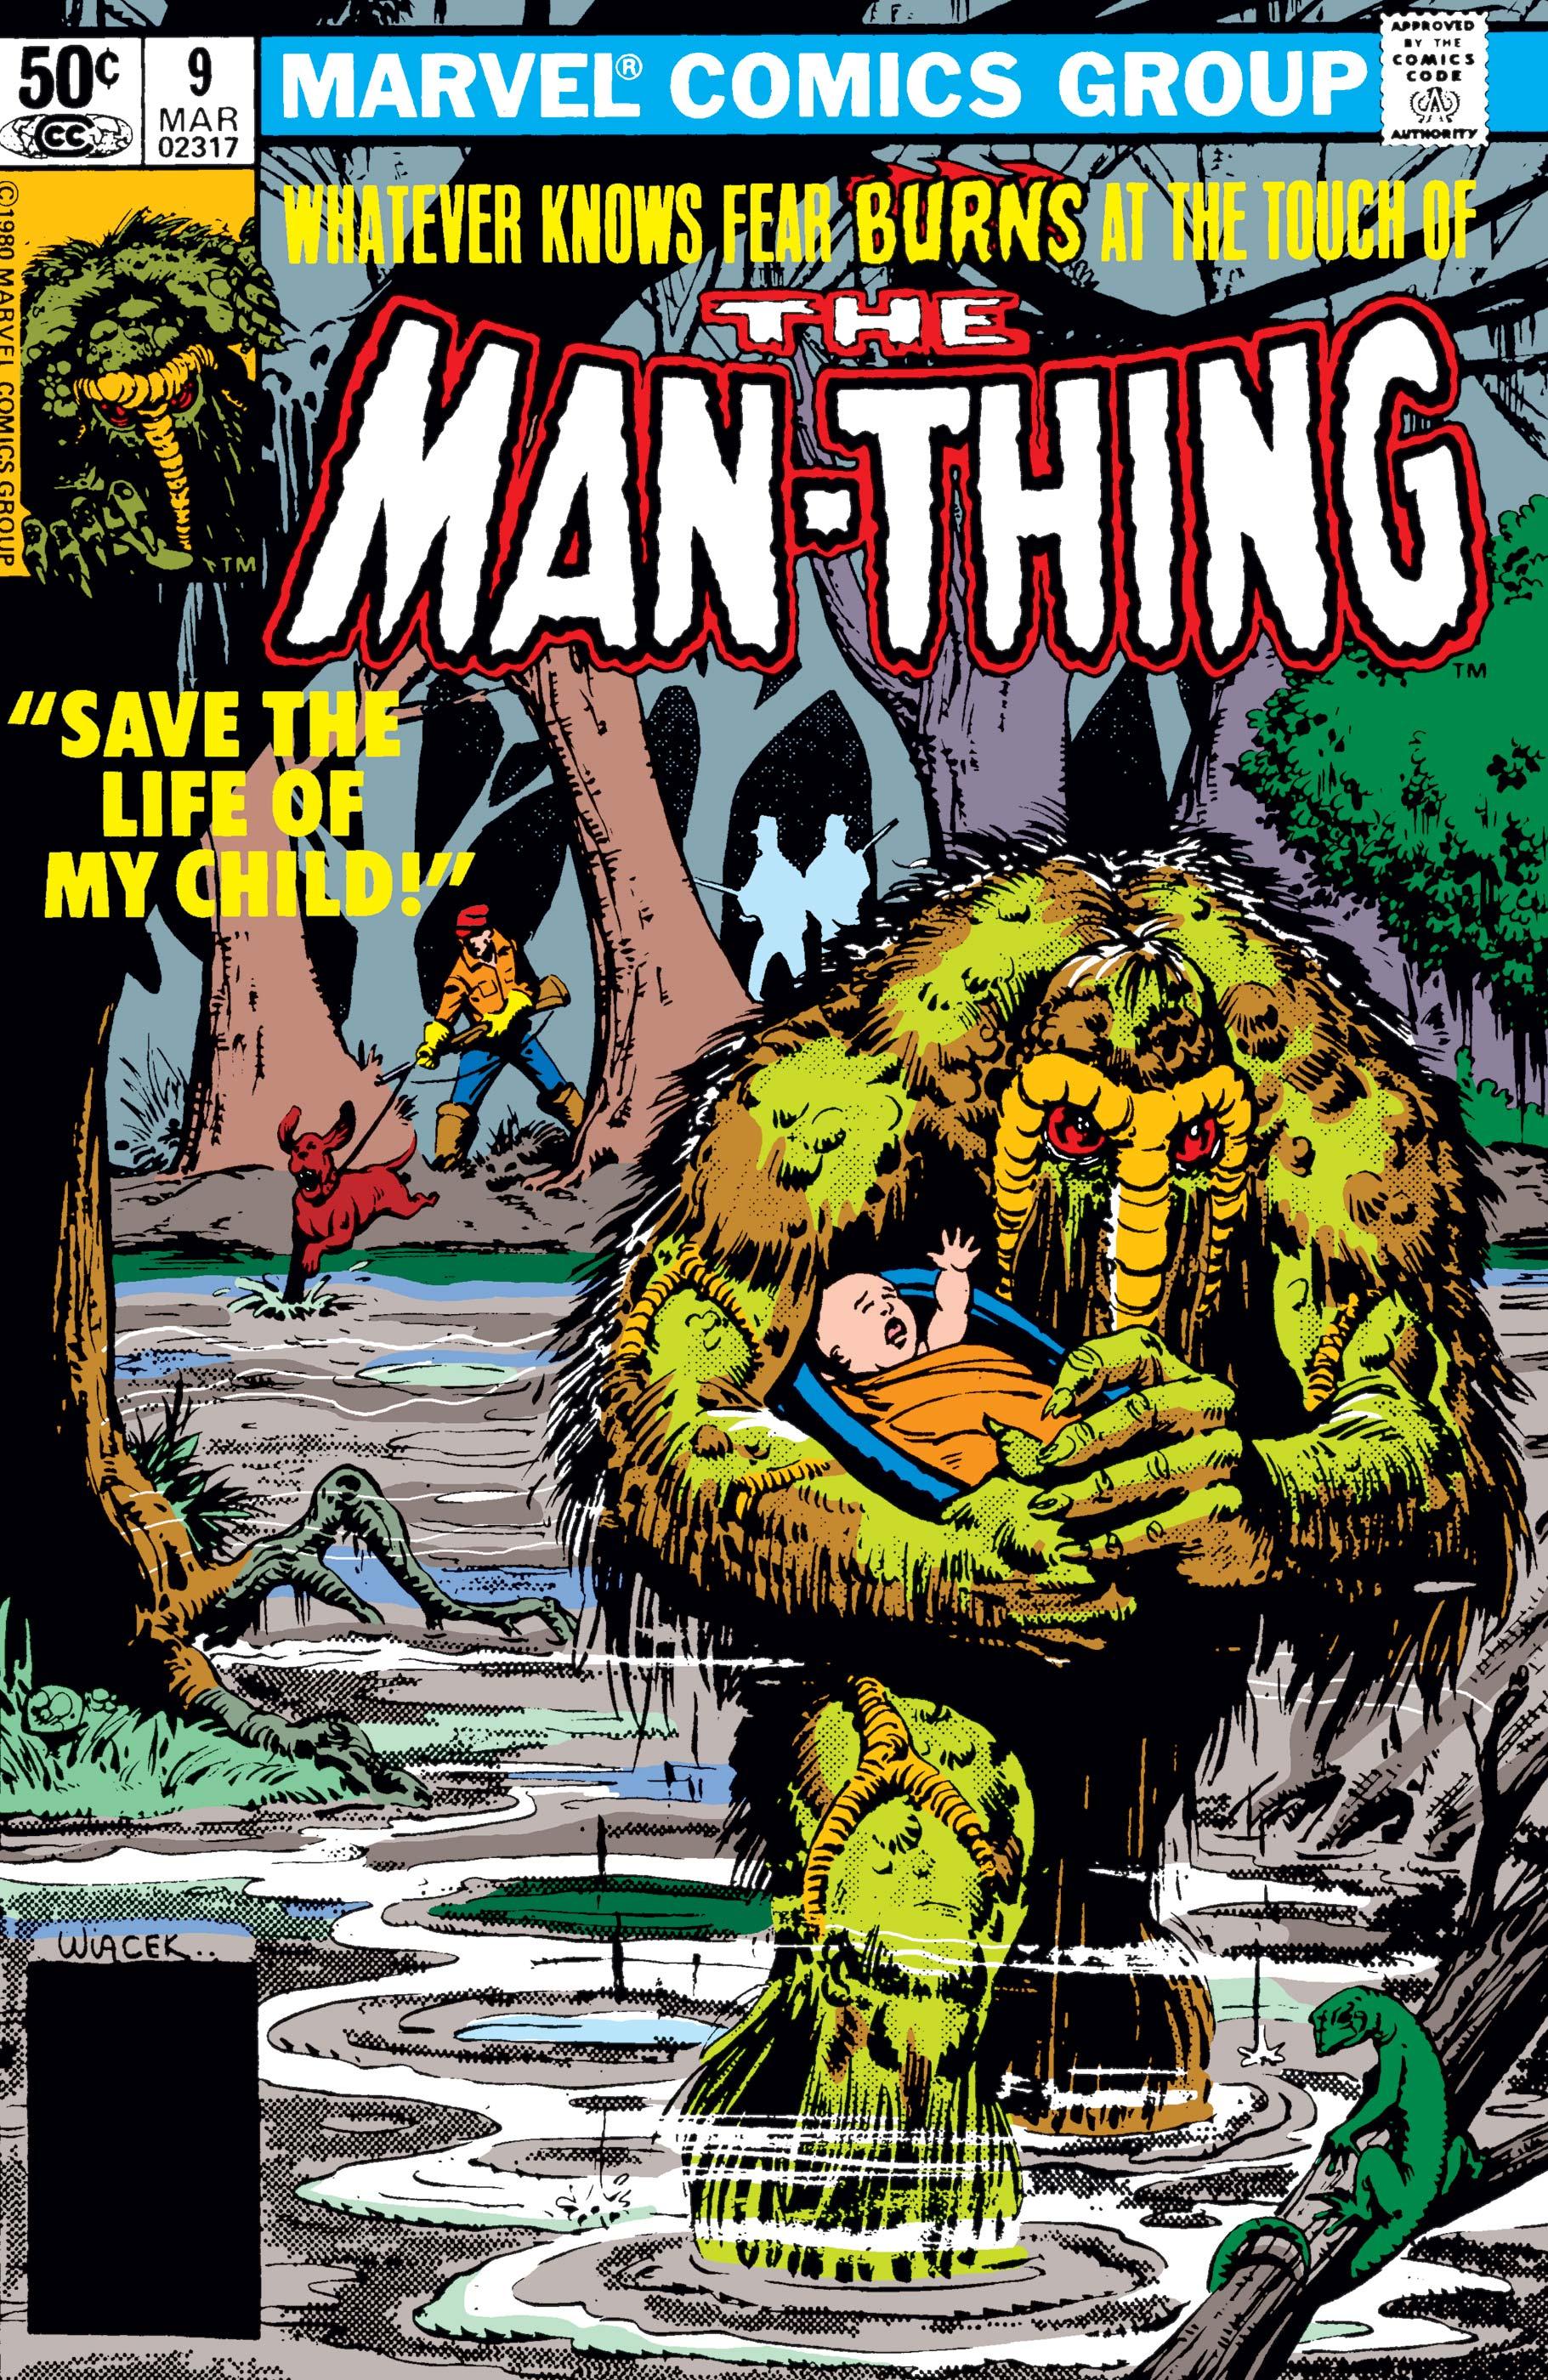 Man-Thing (1979) #9